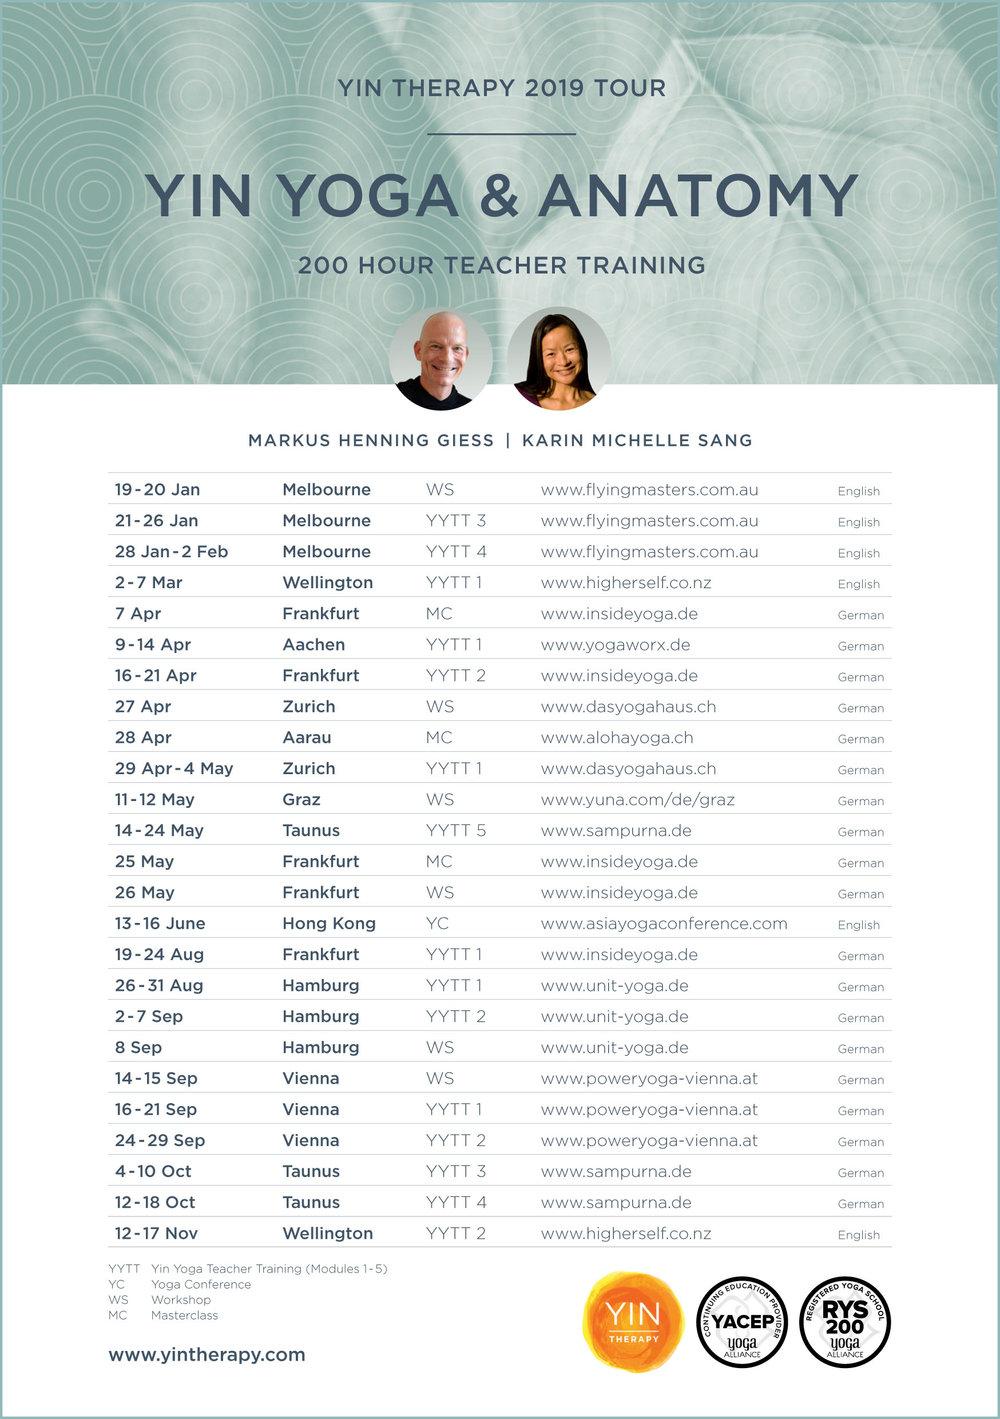 Yin Therapy 2019 Tour Plan